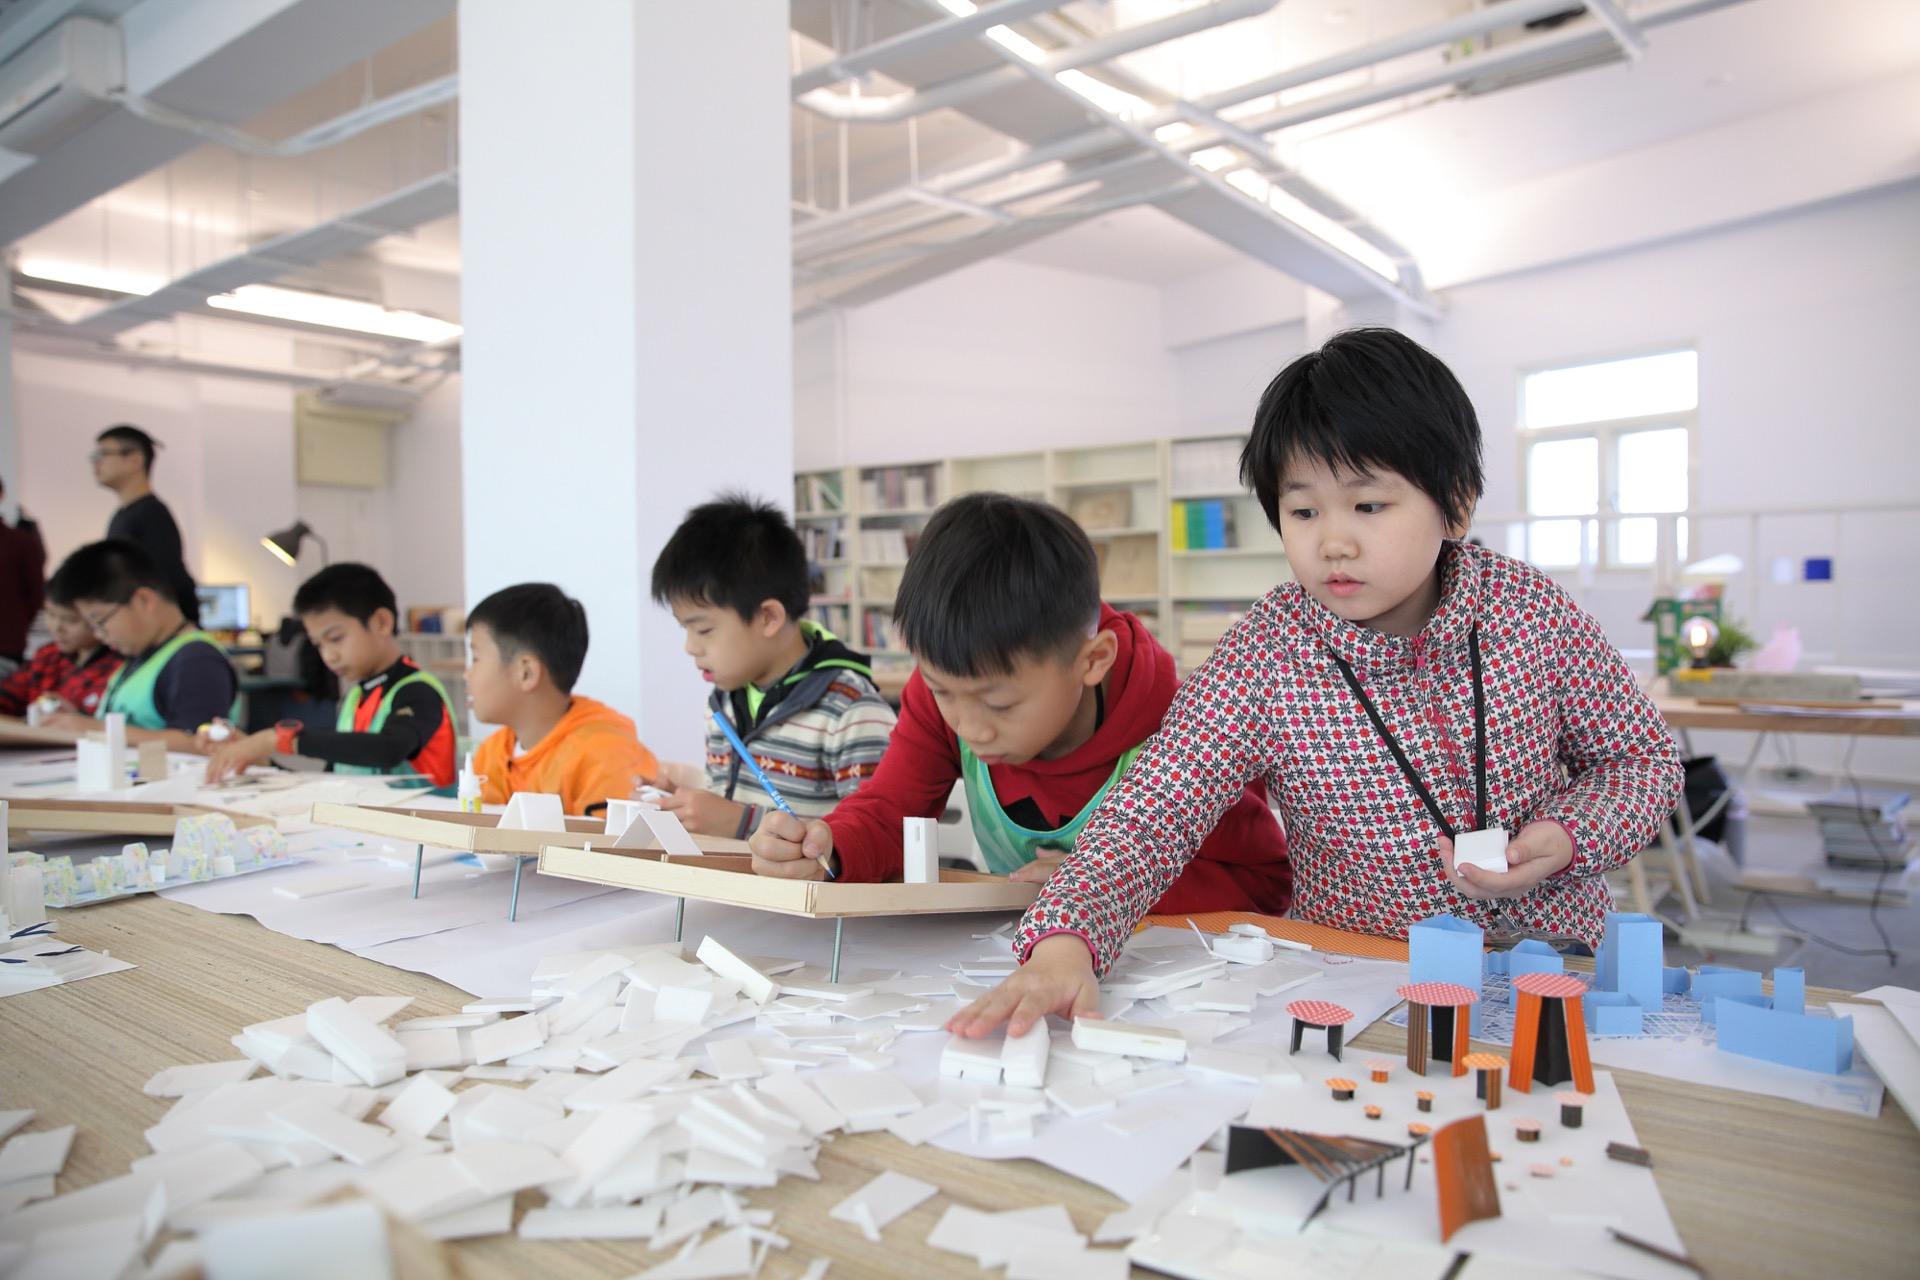 德築-DEZU-project-Fun3sport-children-pinball-create-14